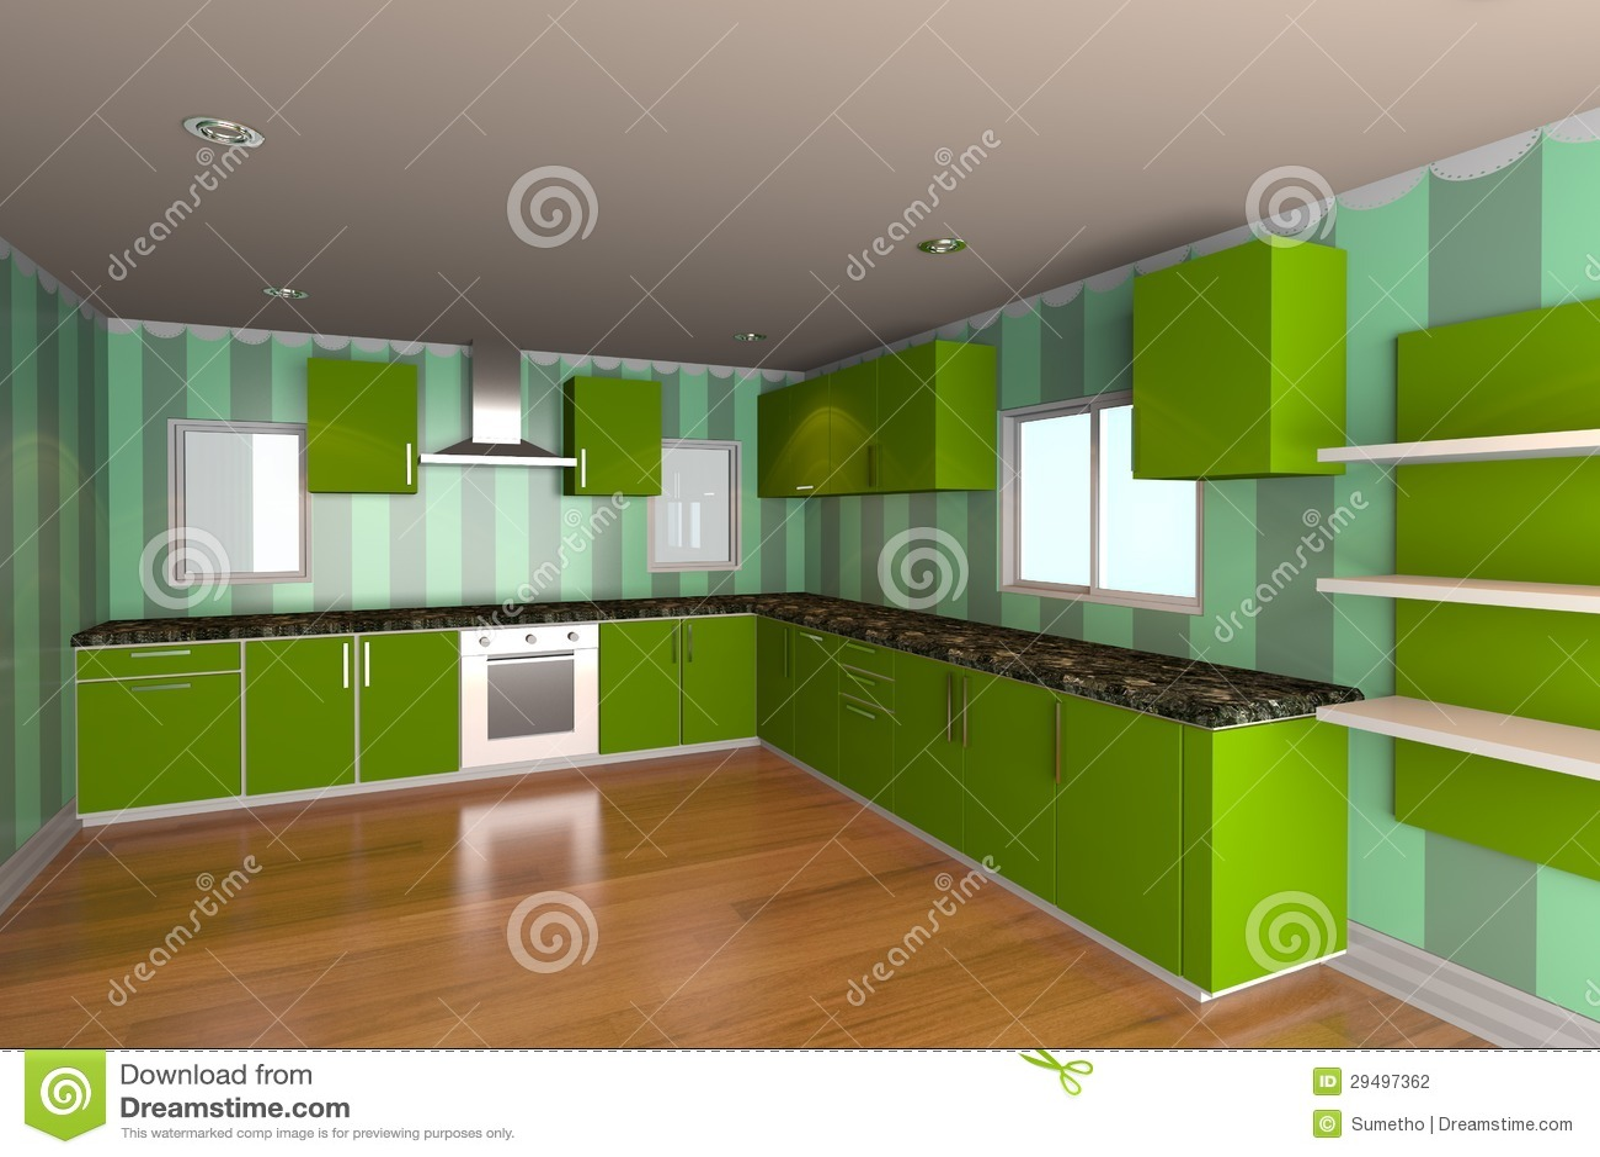 Sala Da Cozinha Com Papel De Parede Verde Fotografia de Stock Imagem  #89BB0B 1300 957